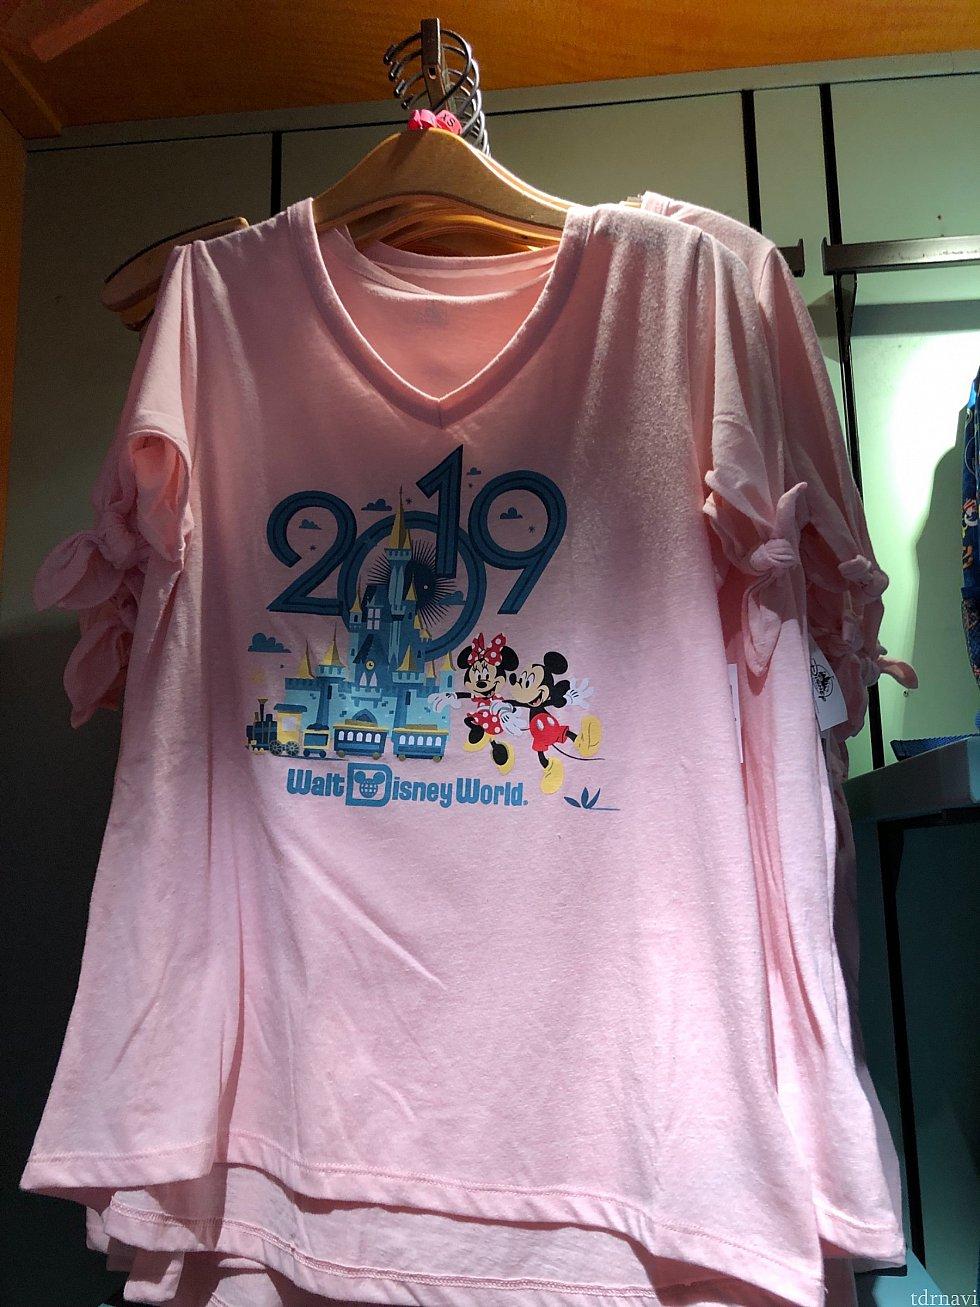 ピンク色バージョンは袖にリボンが。$34.99